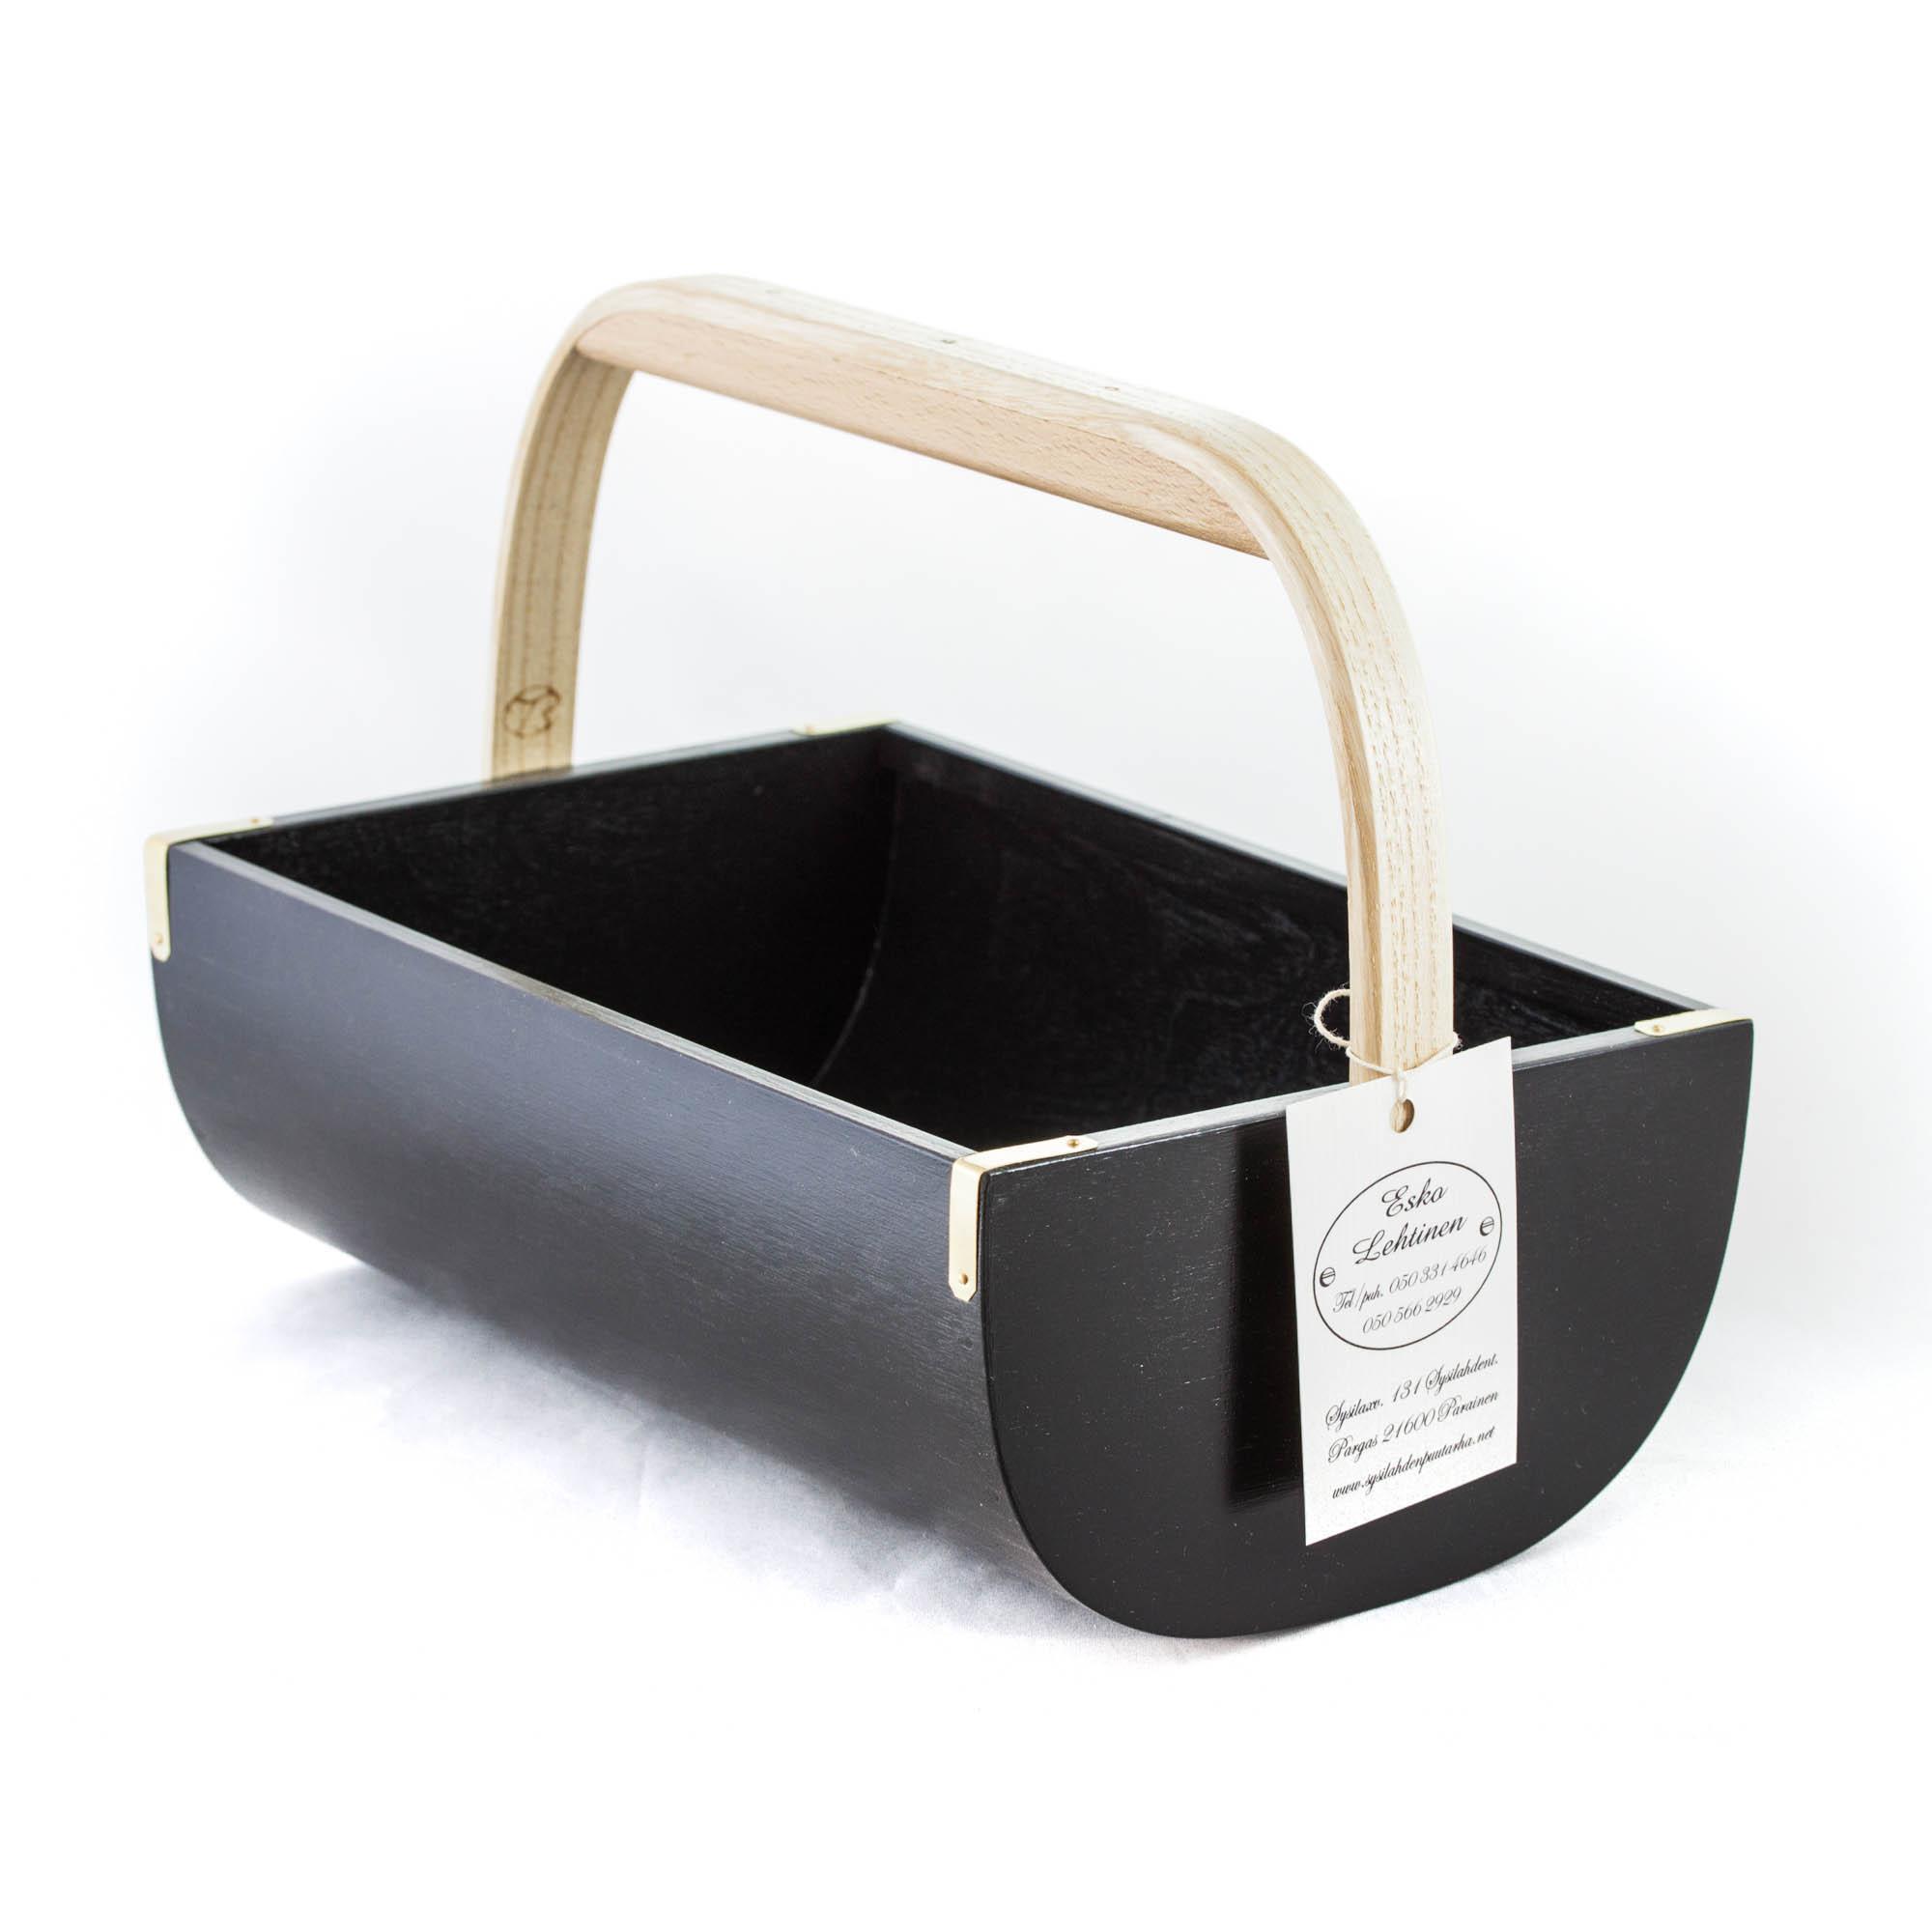 Esko minikorg svart